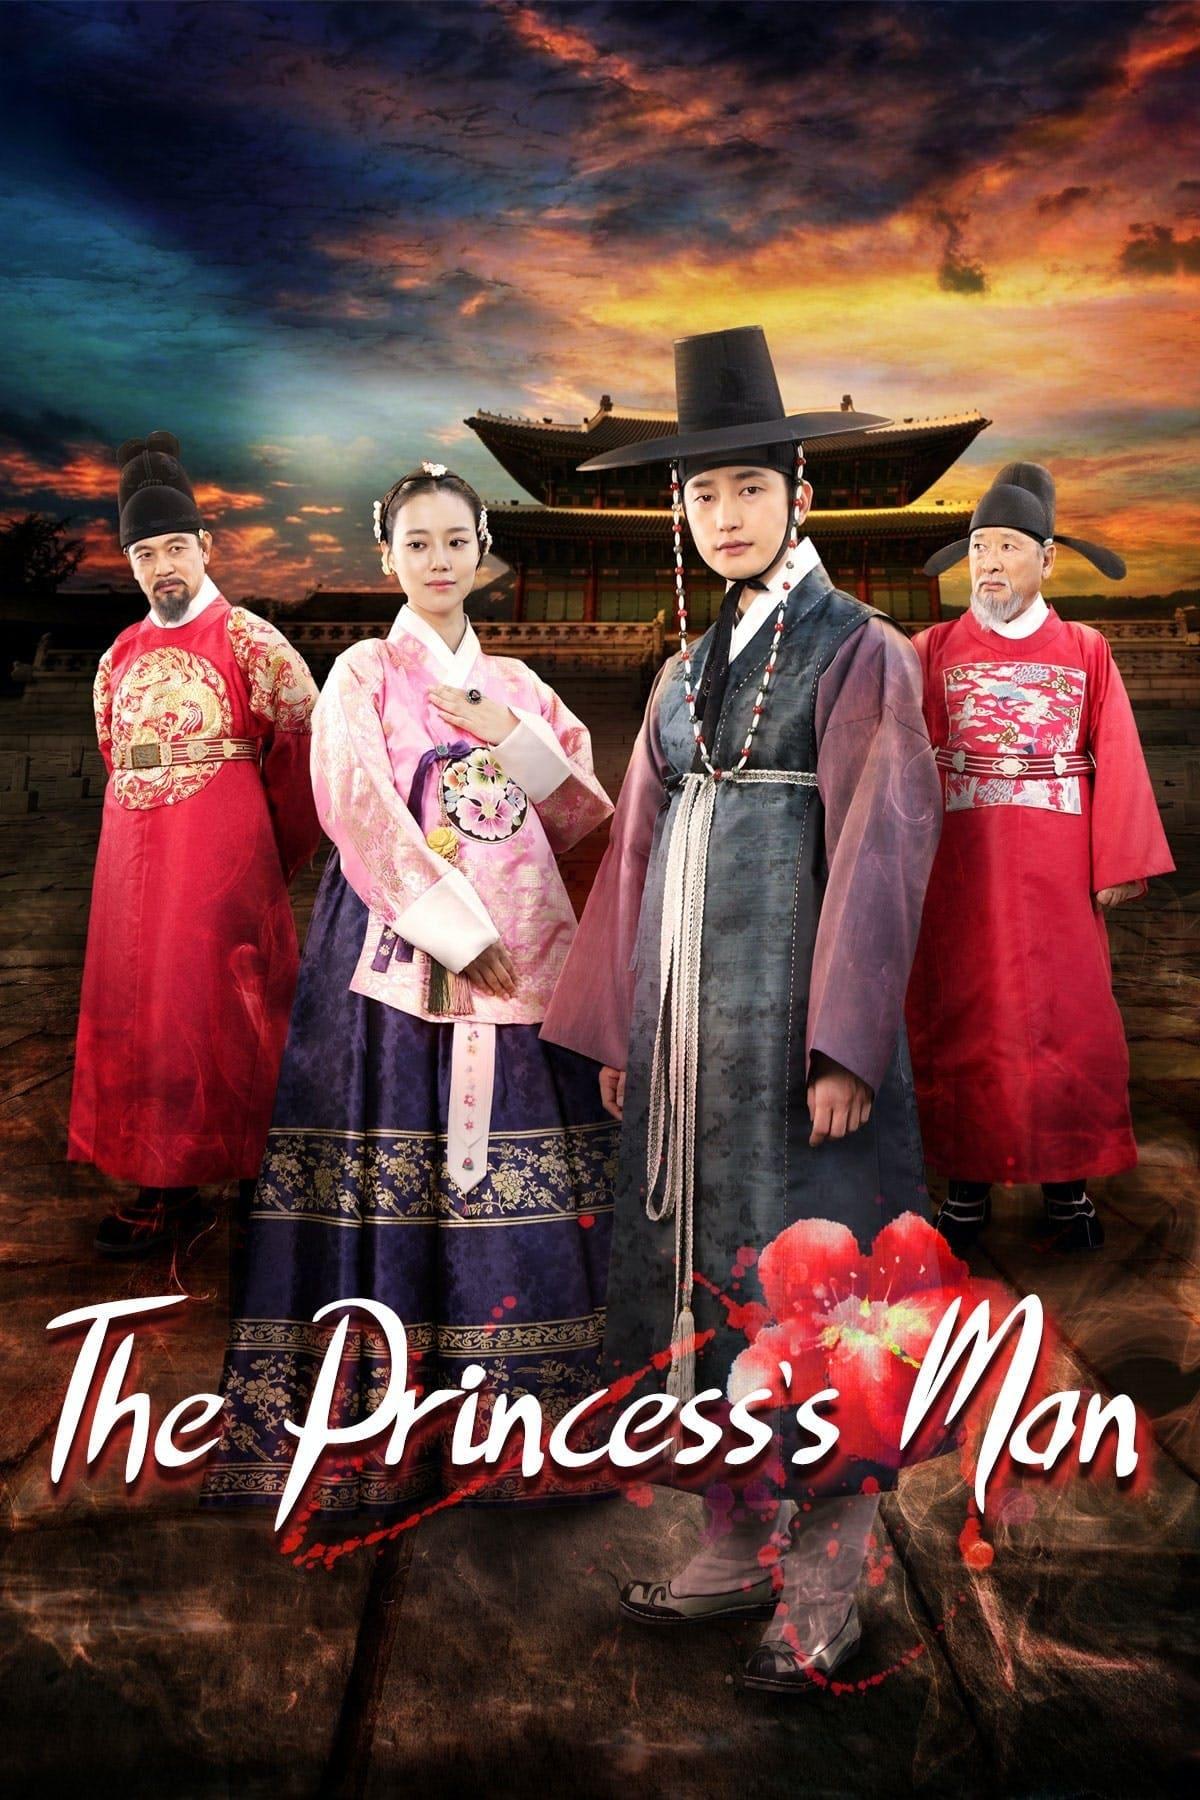 The Princess' Man